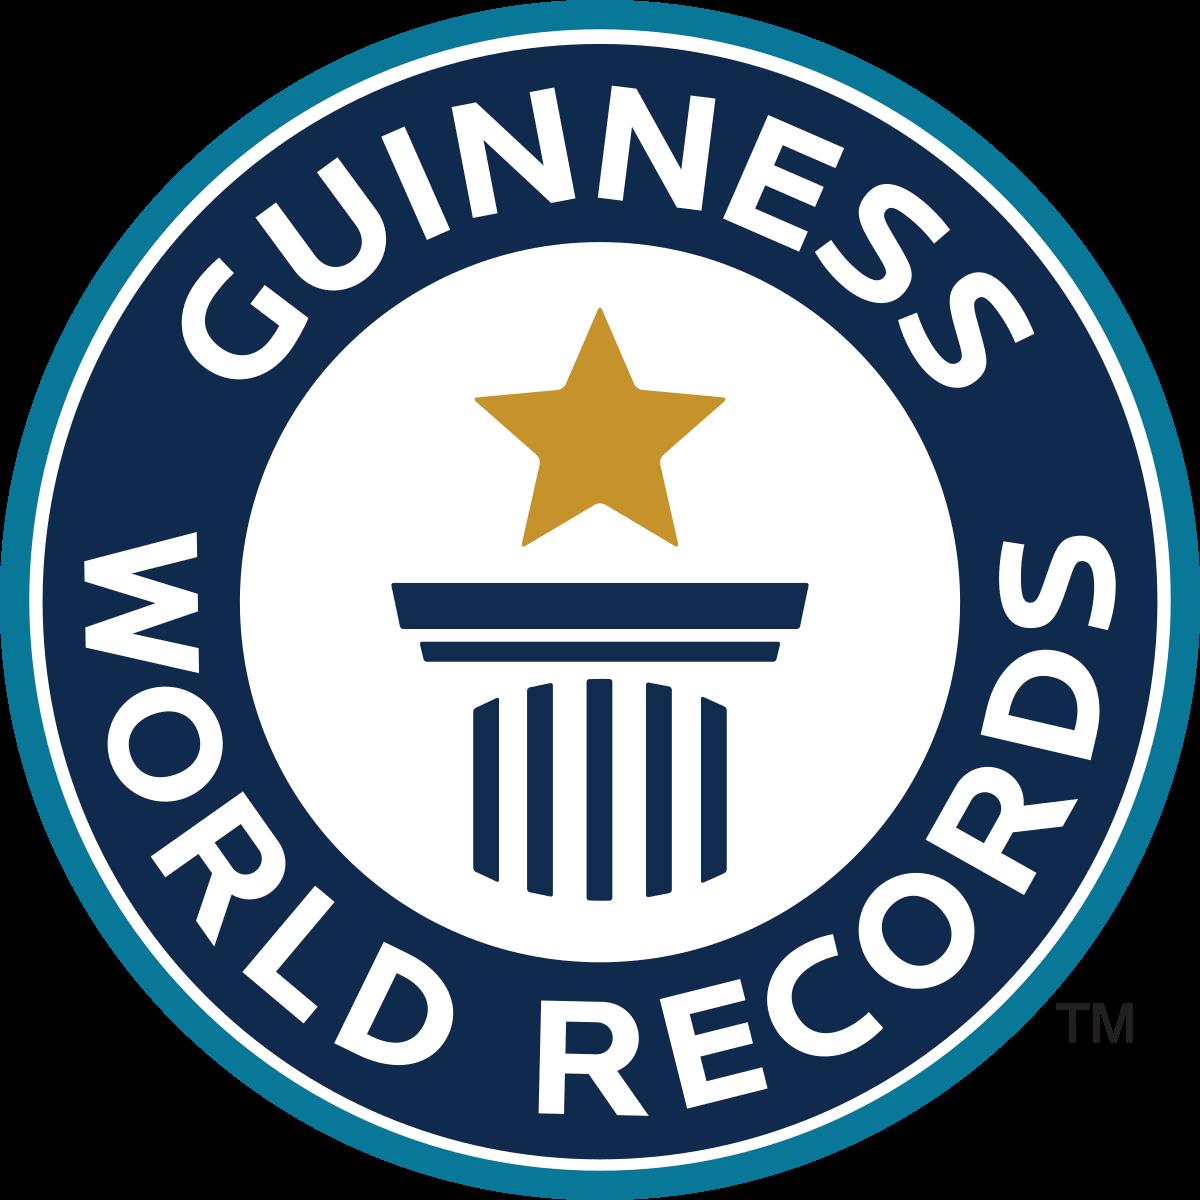 látvány Guinness rekord